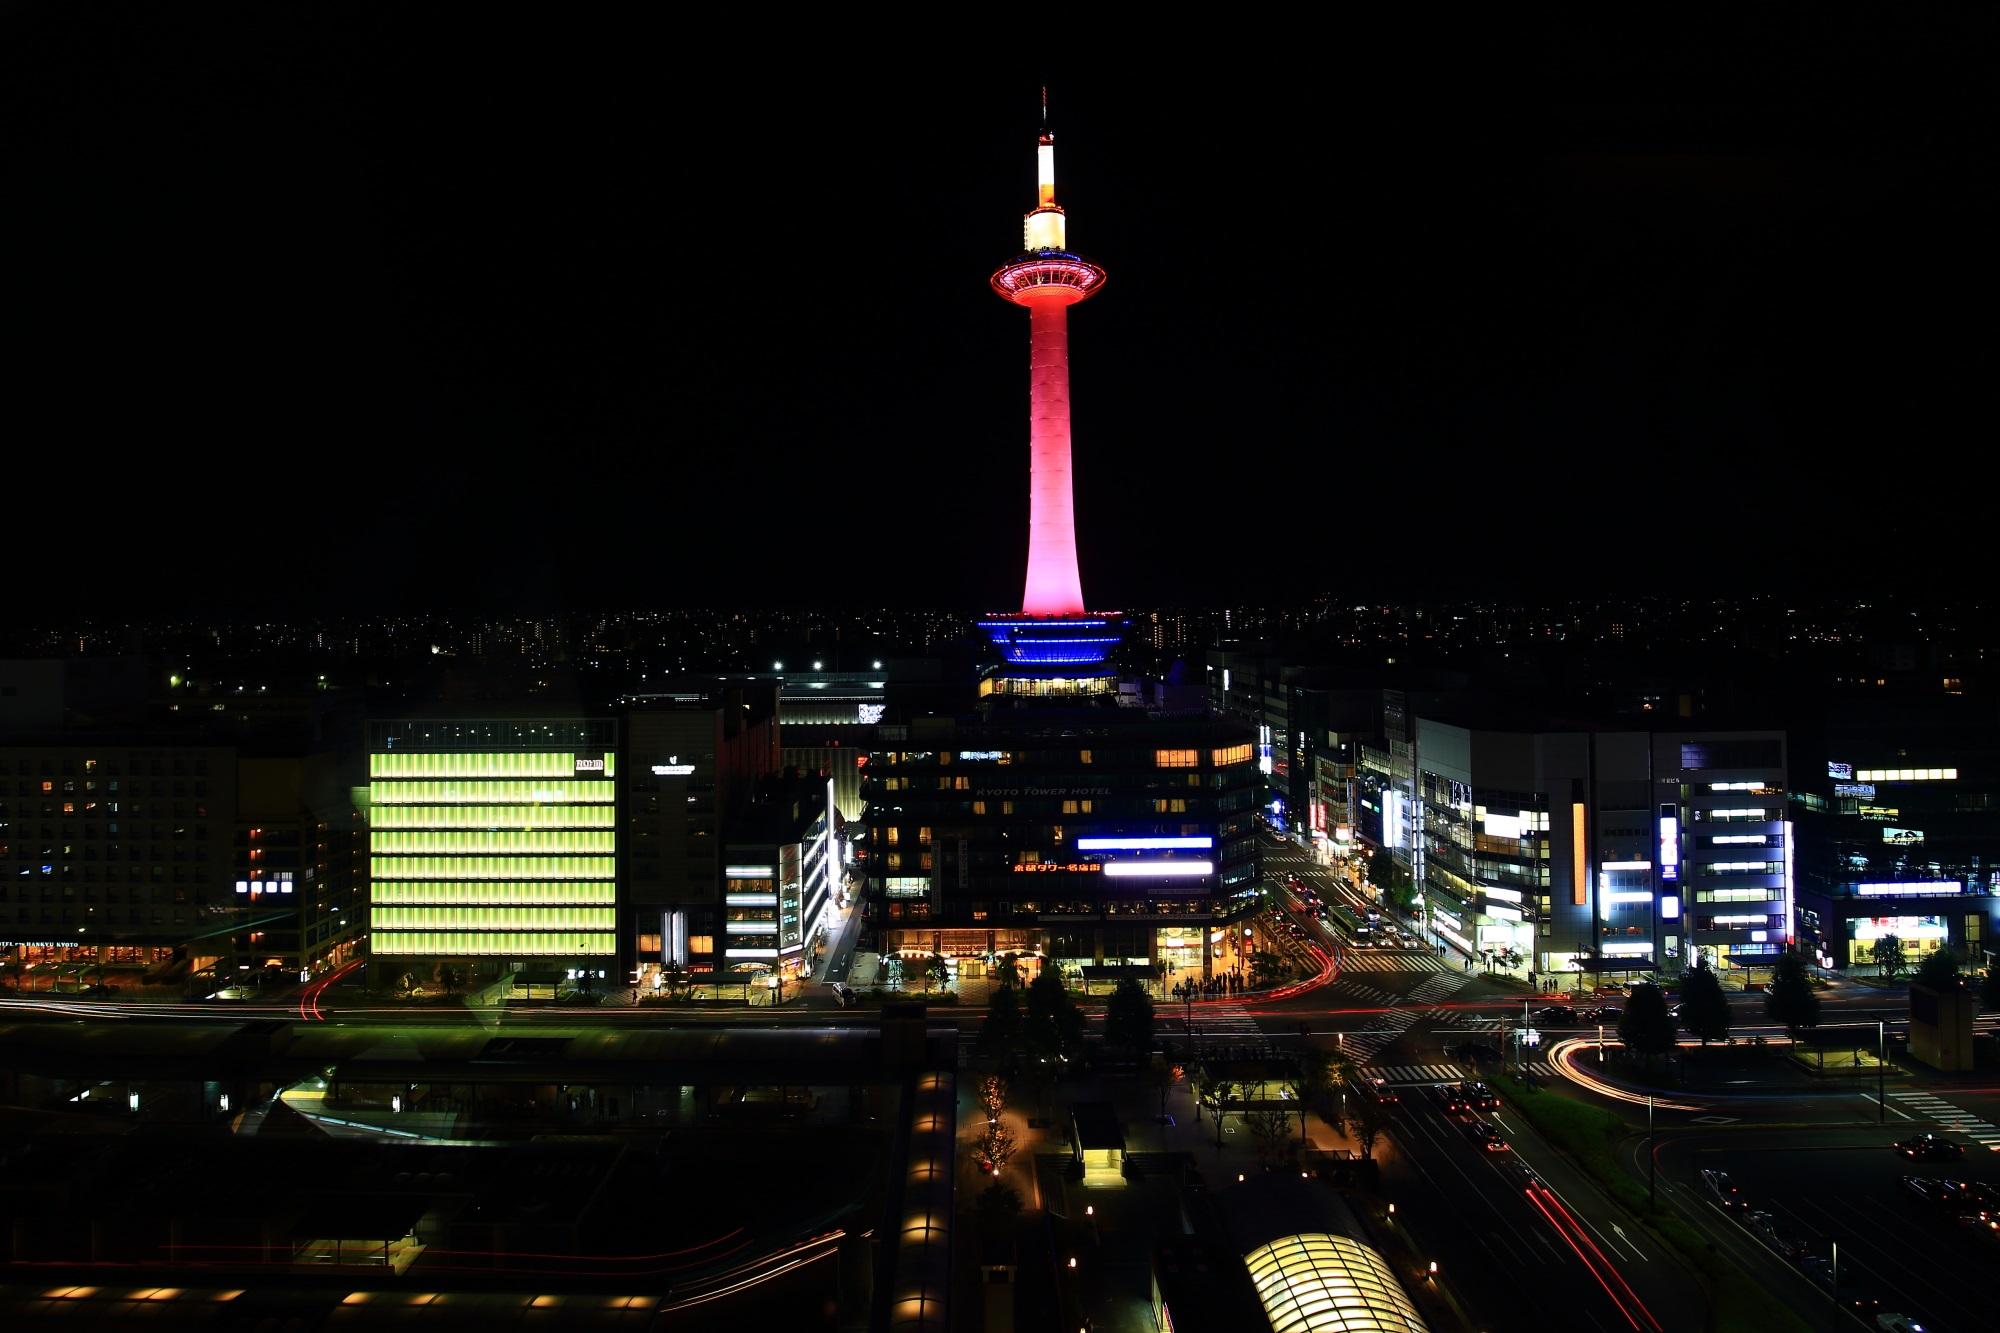 駅ビル空中経路から眺めたピンクリボンライトアップのタワーと夜景 2015年10月4日